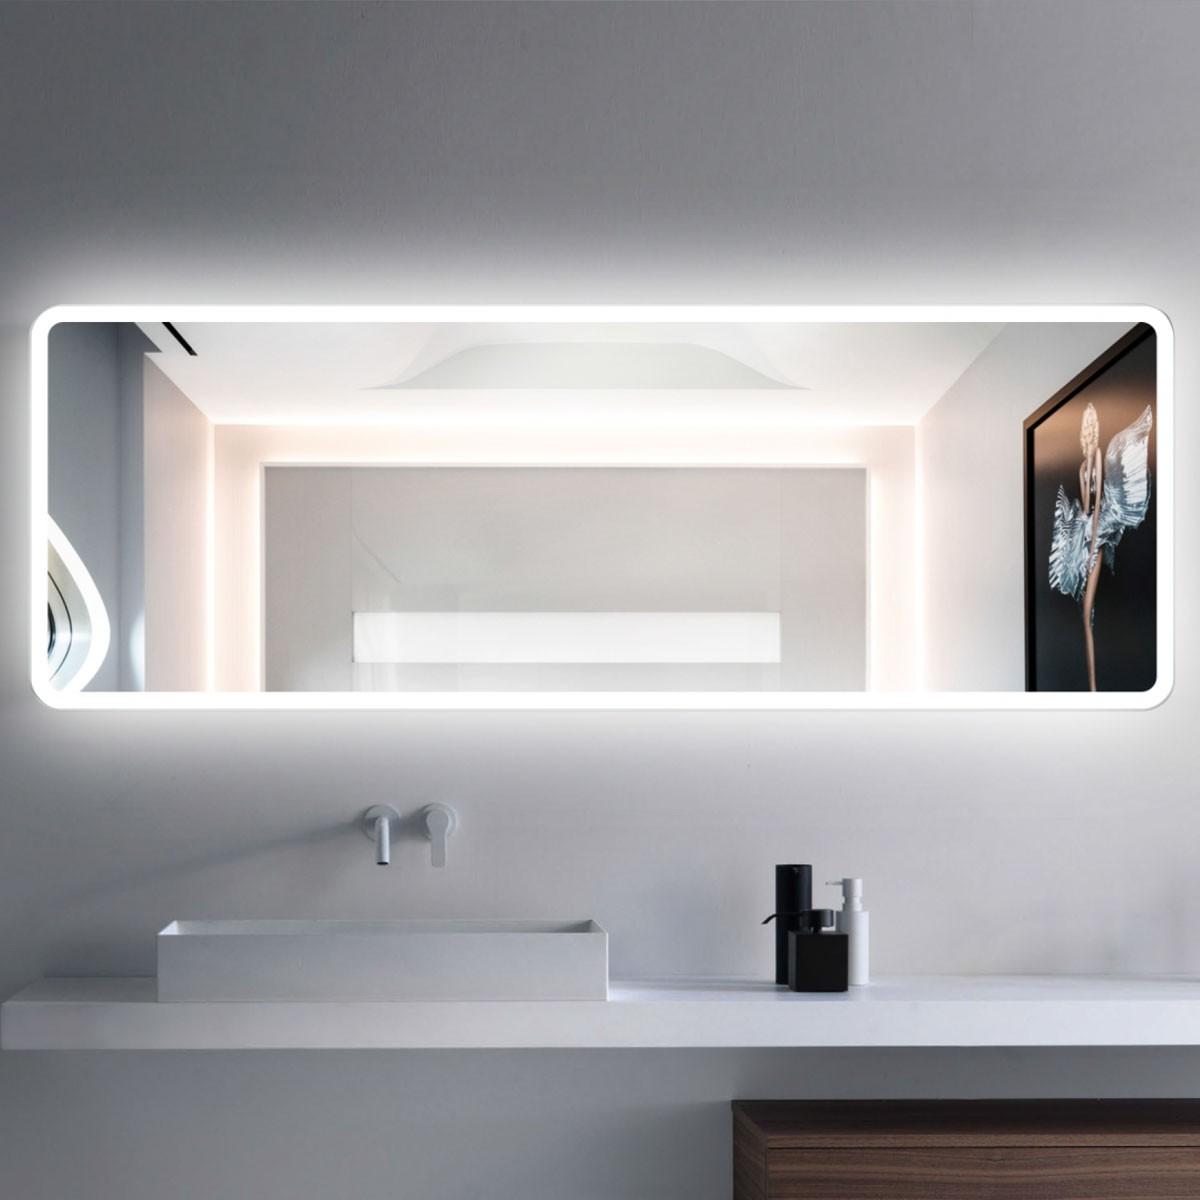 55 x 20 Po Miroir de Salle de Bain LED Horizontal avec Capteur Infrarouge (DK-CK201)